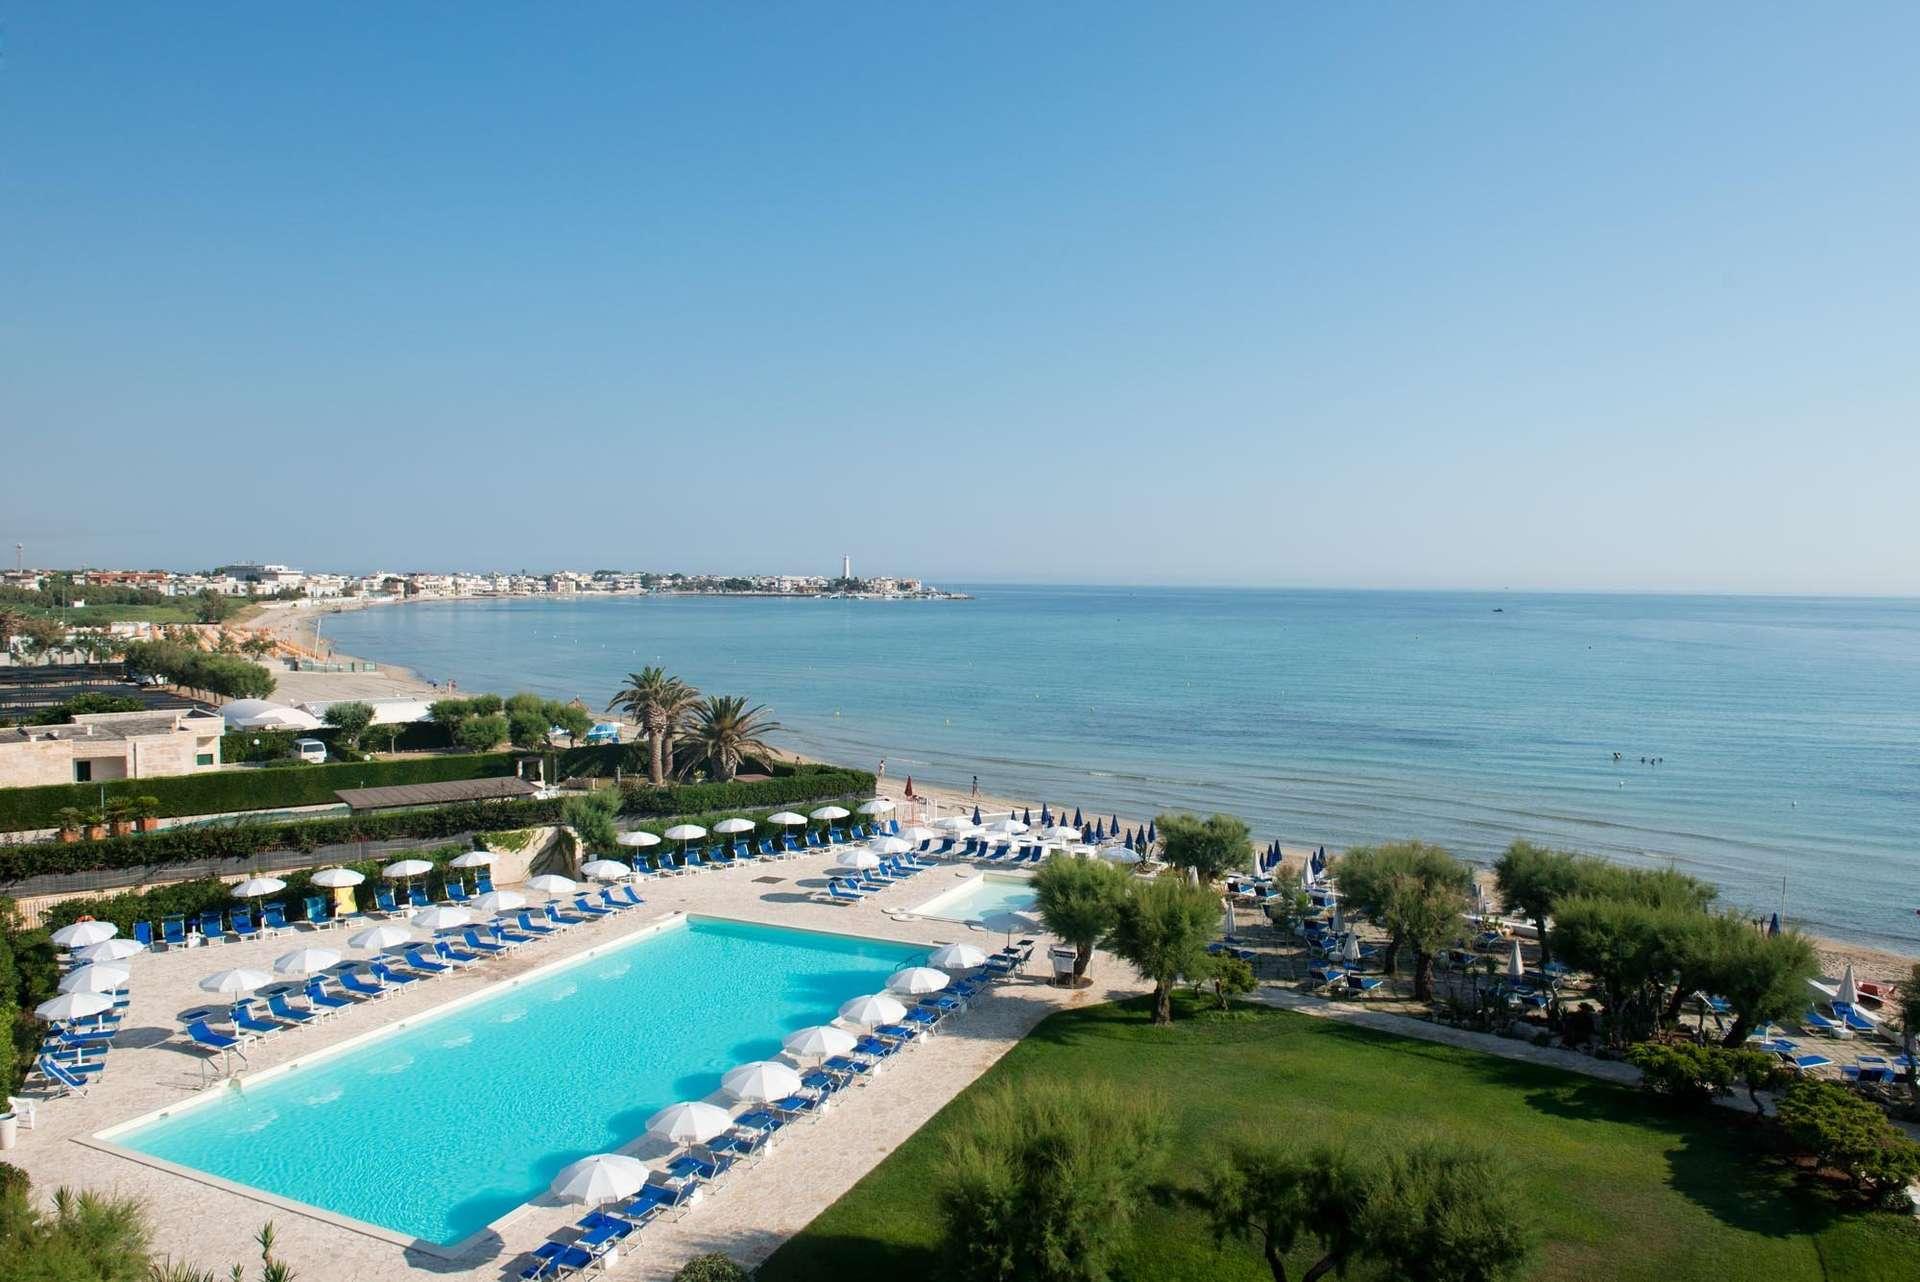 hotel del levante - puglia - italie - zwembad en zee vanaf hotel